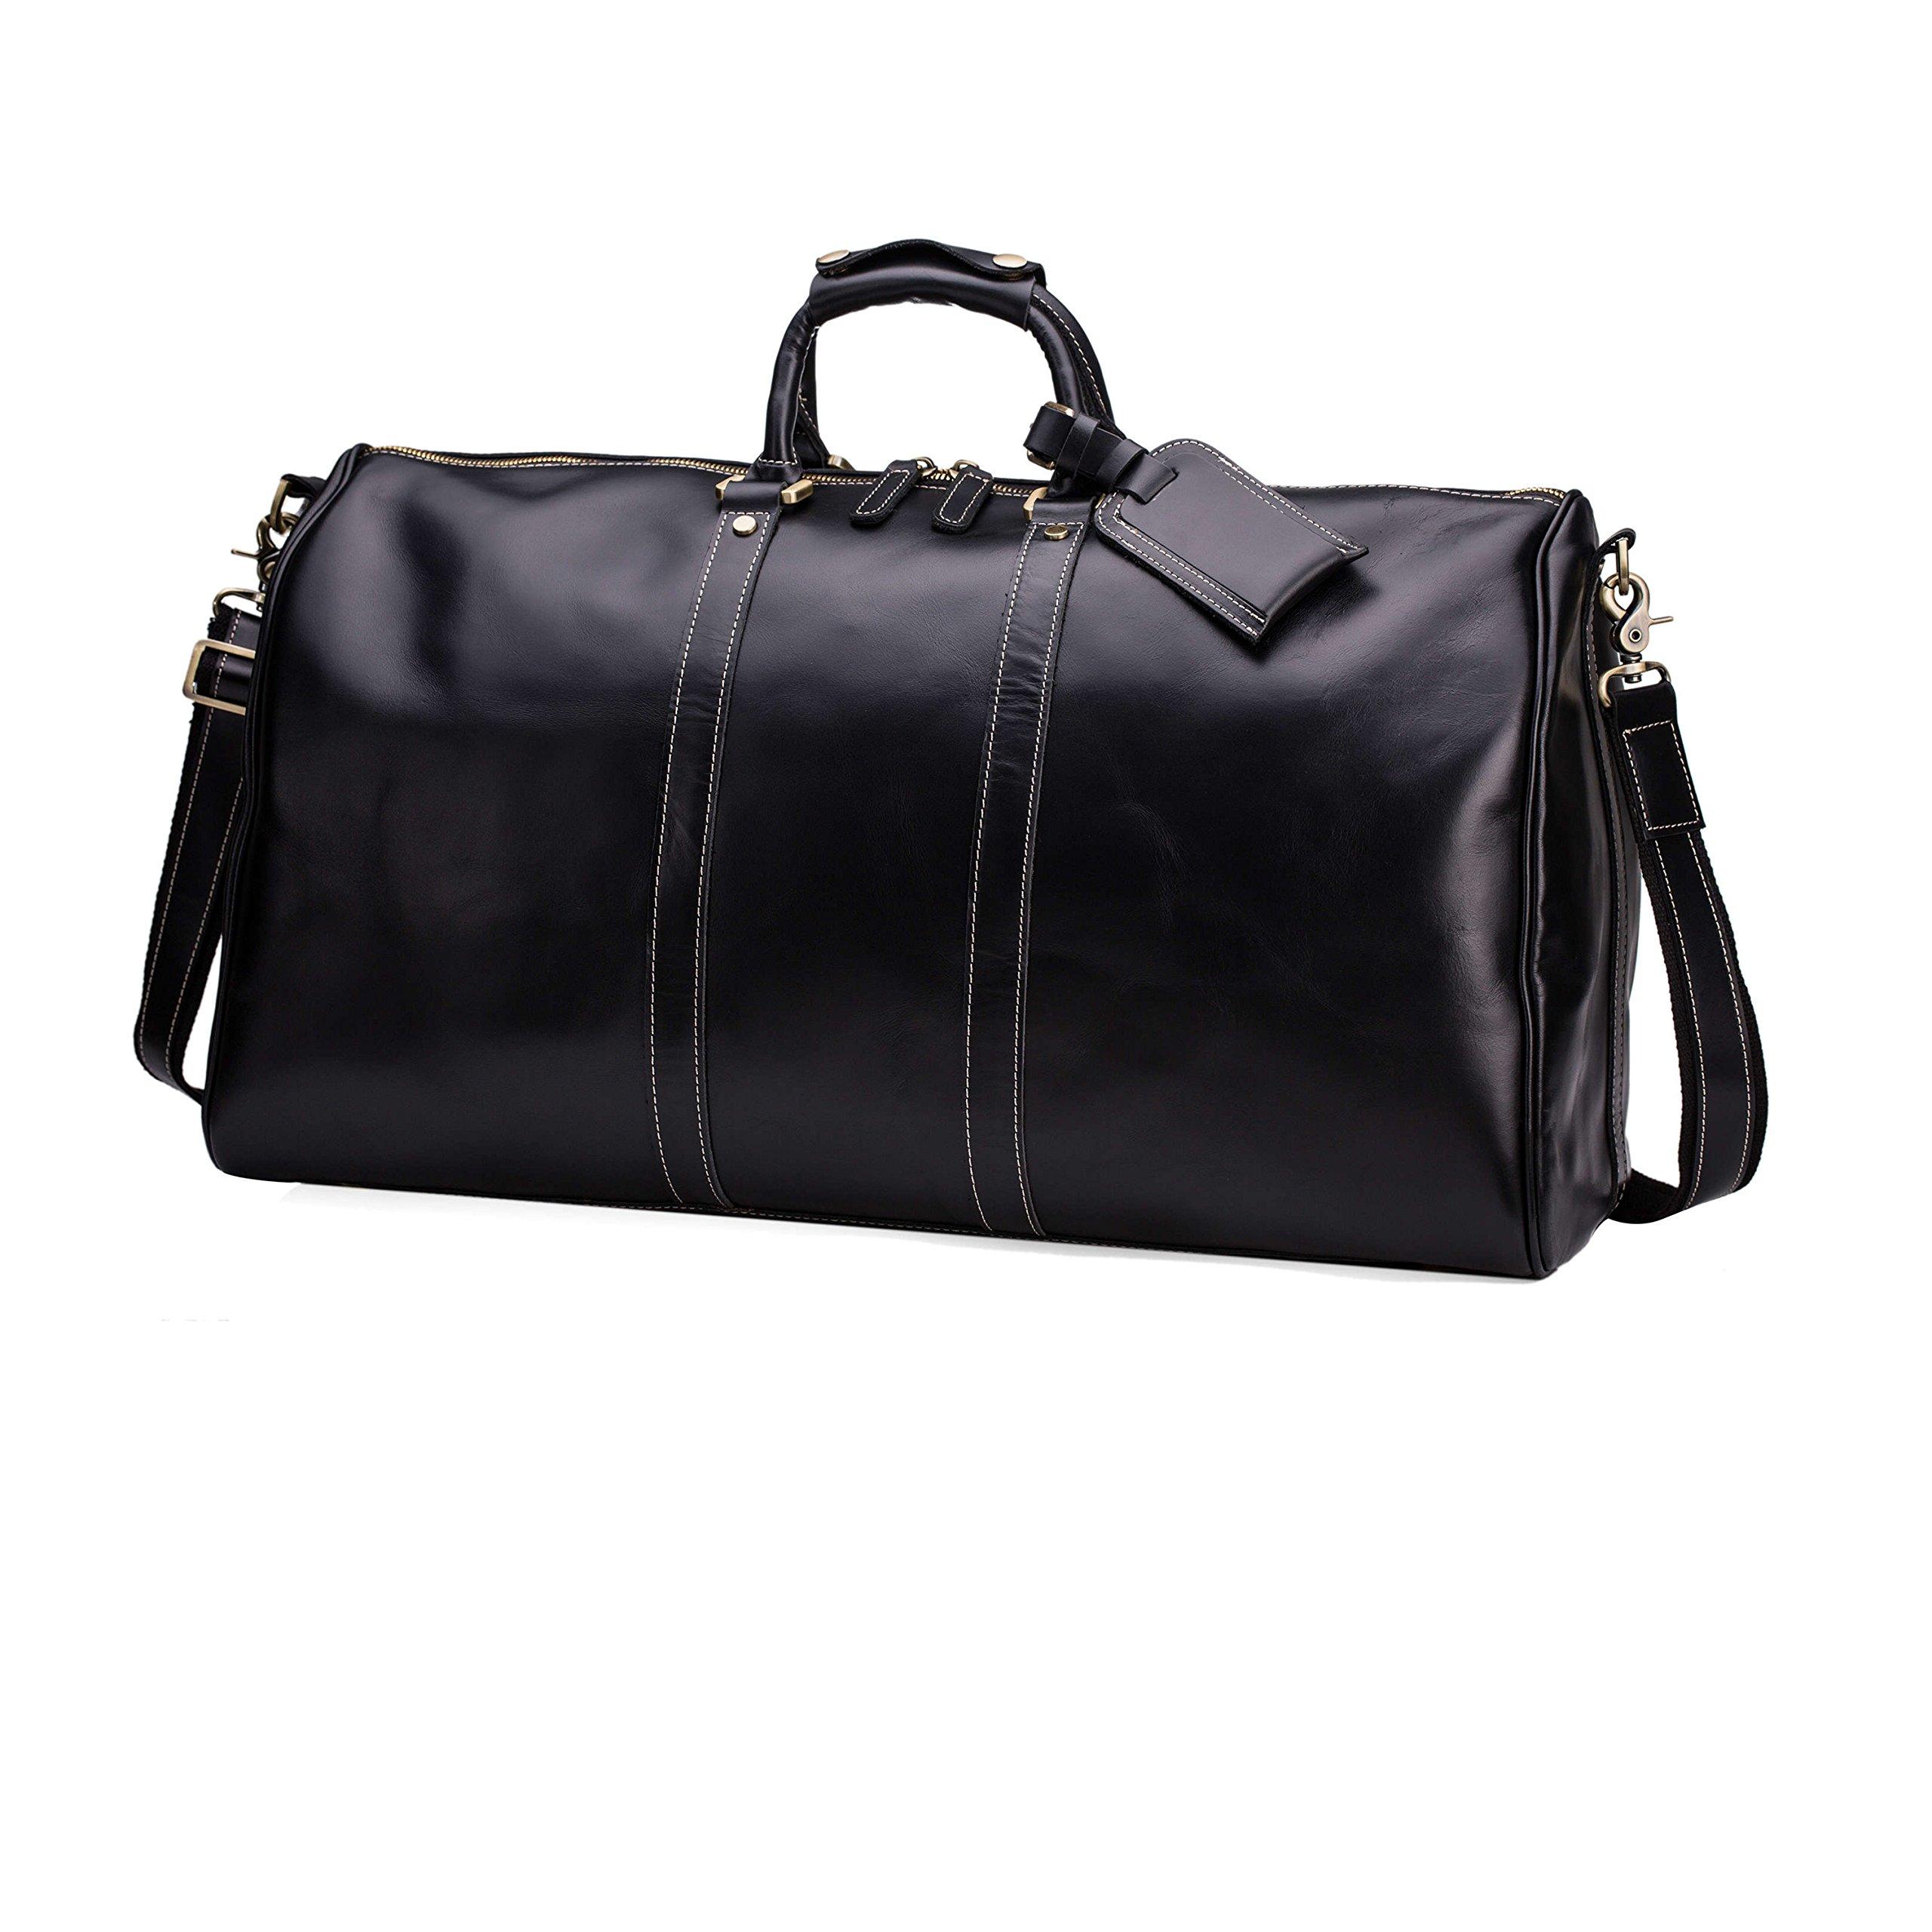 Huntvp Mens Leather Travel Duffel Bag Vintage Weekender Carry On Brown Luggage Bag (Black)